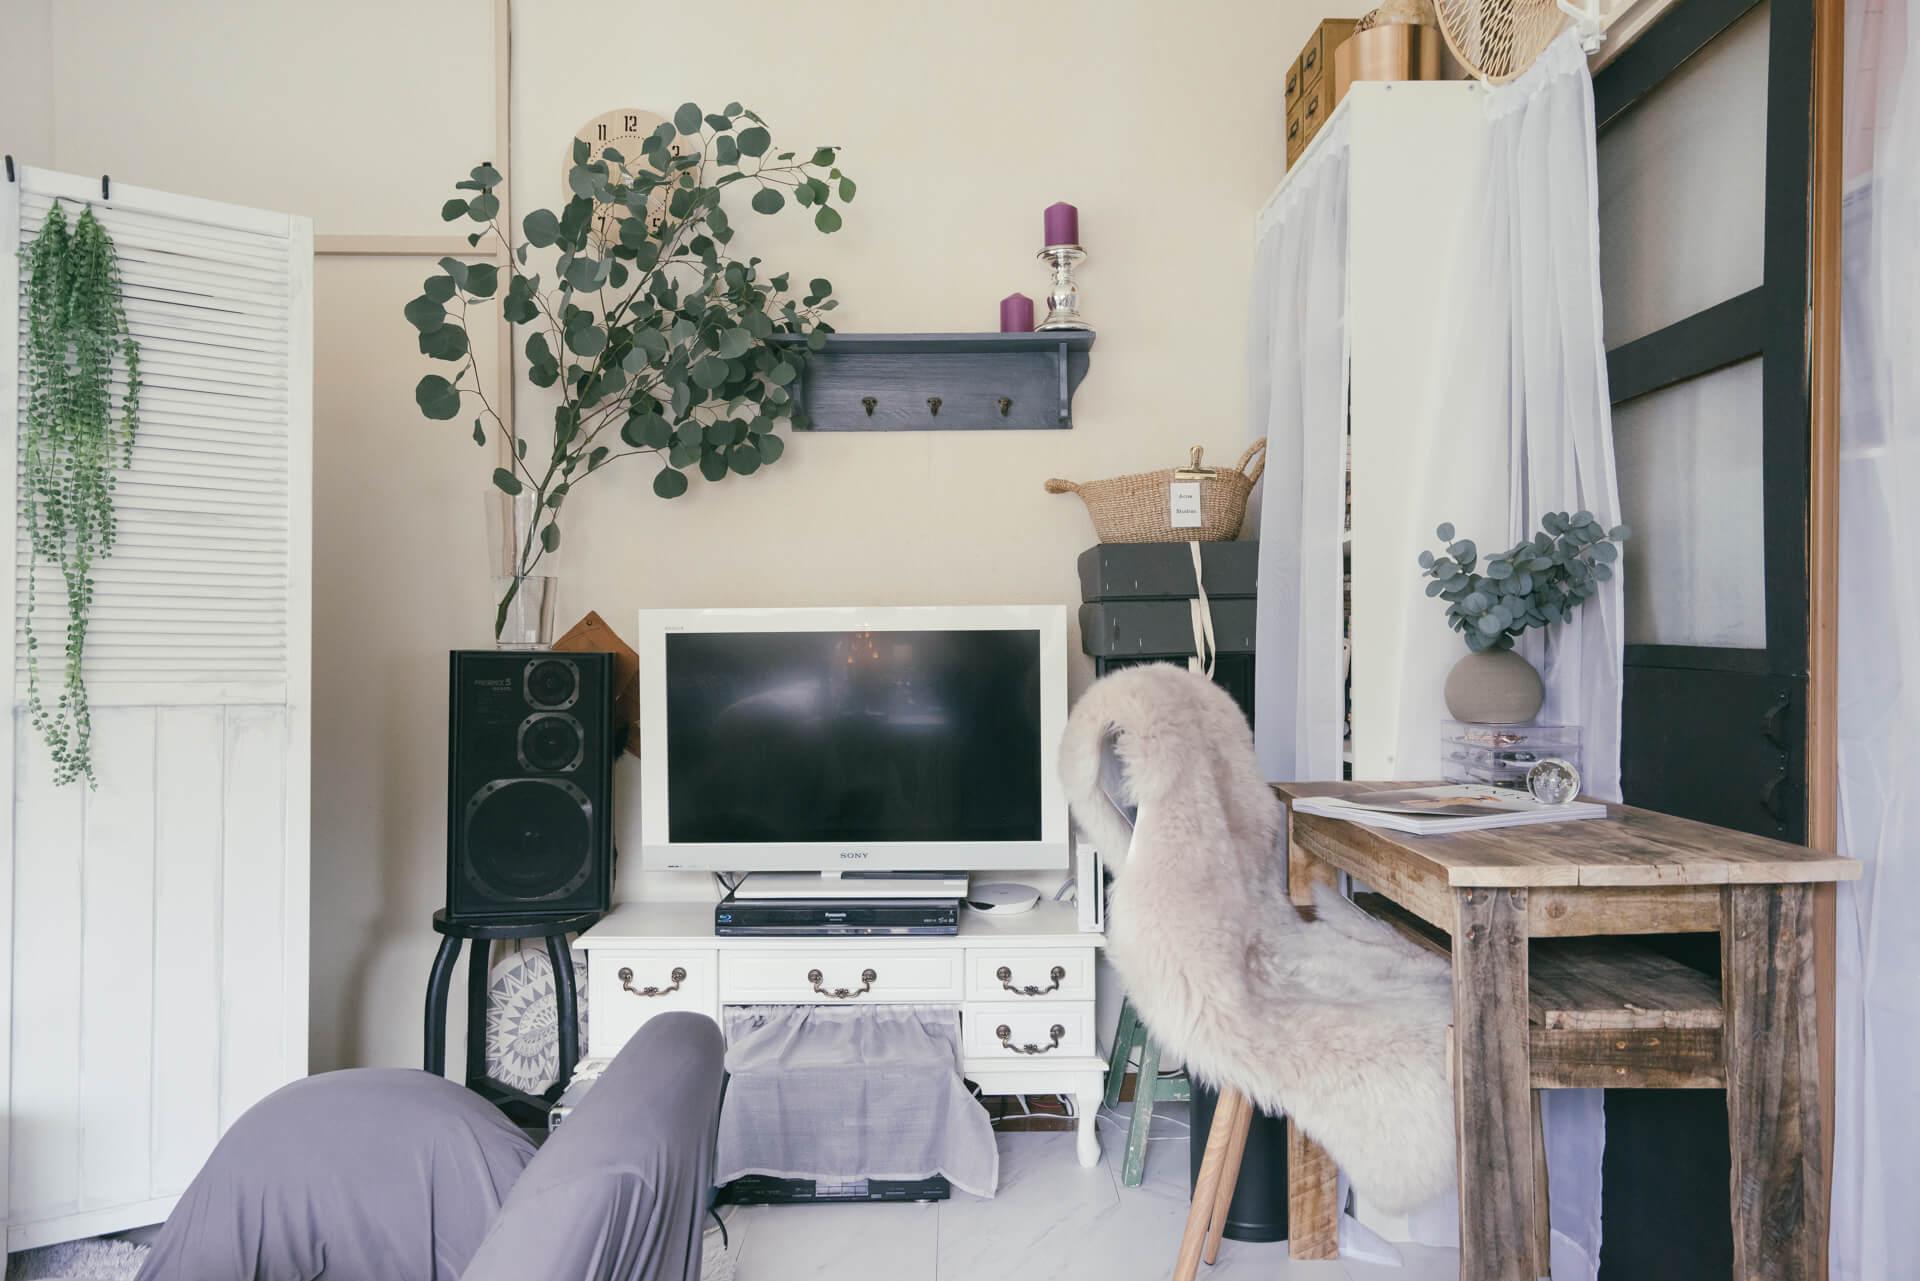 いろんな色があったり雑然として見えてしまう本棚をいっそのこと布で覆ってしまう。特に白い布だと尚よし。